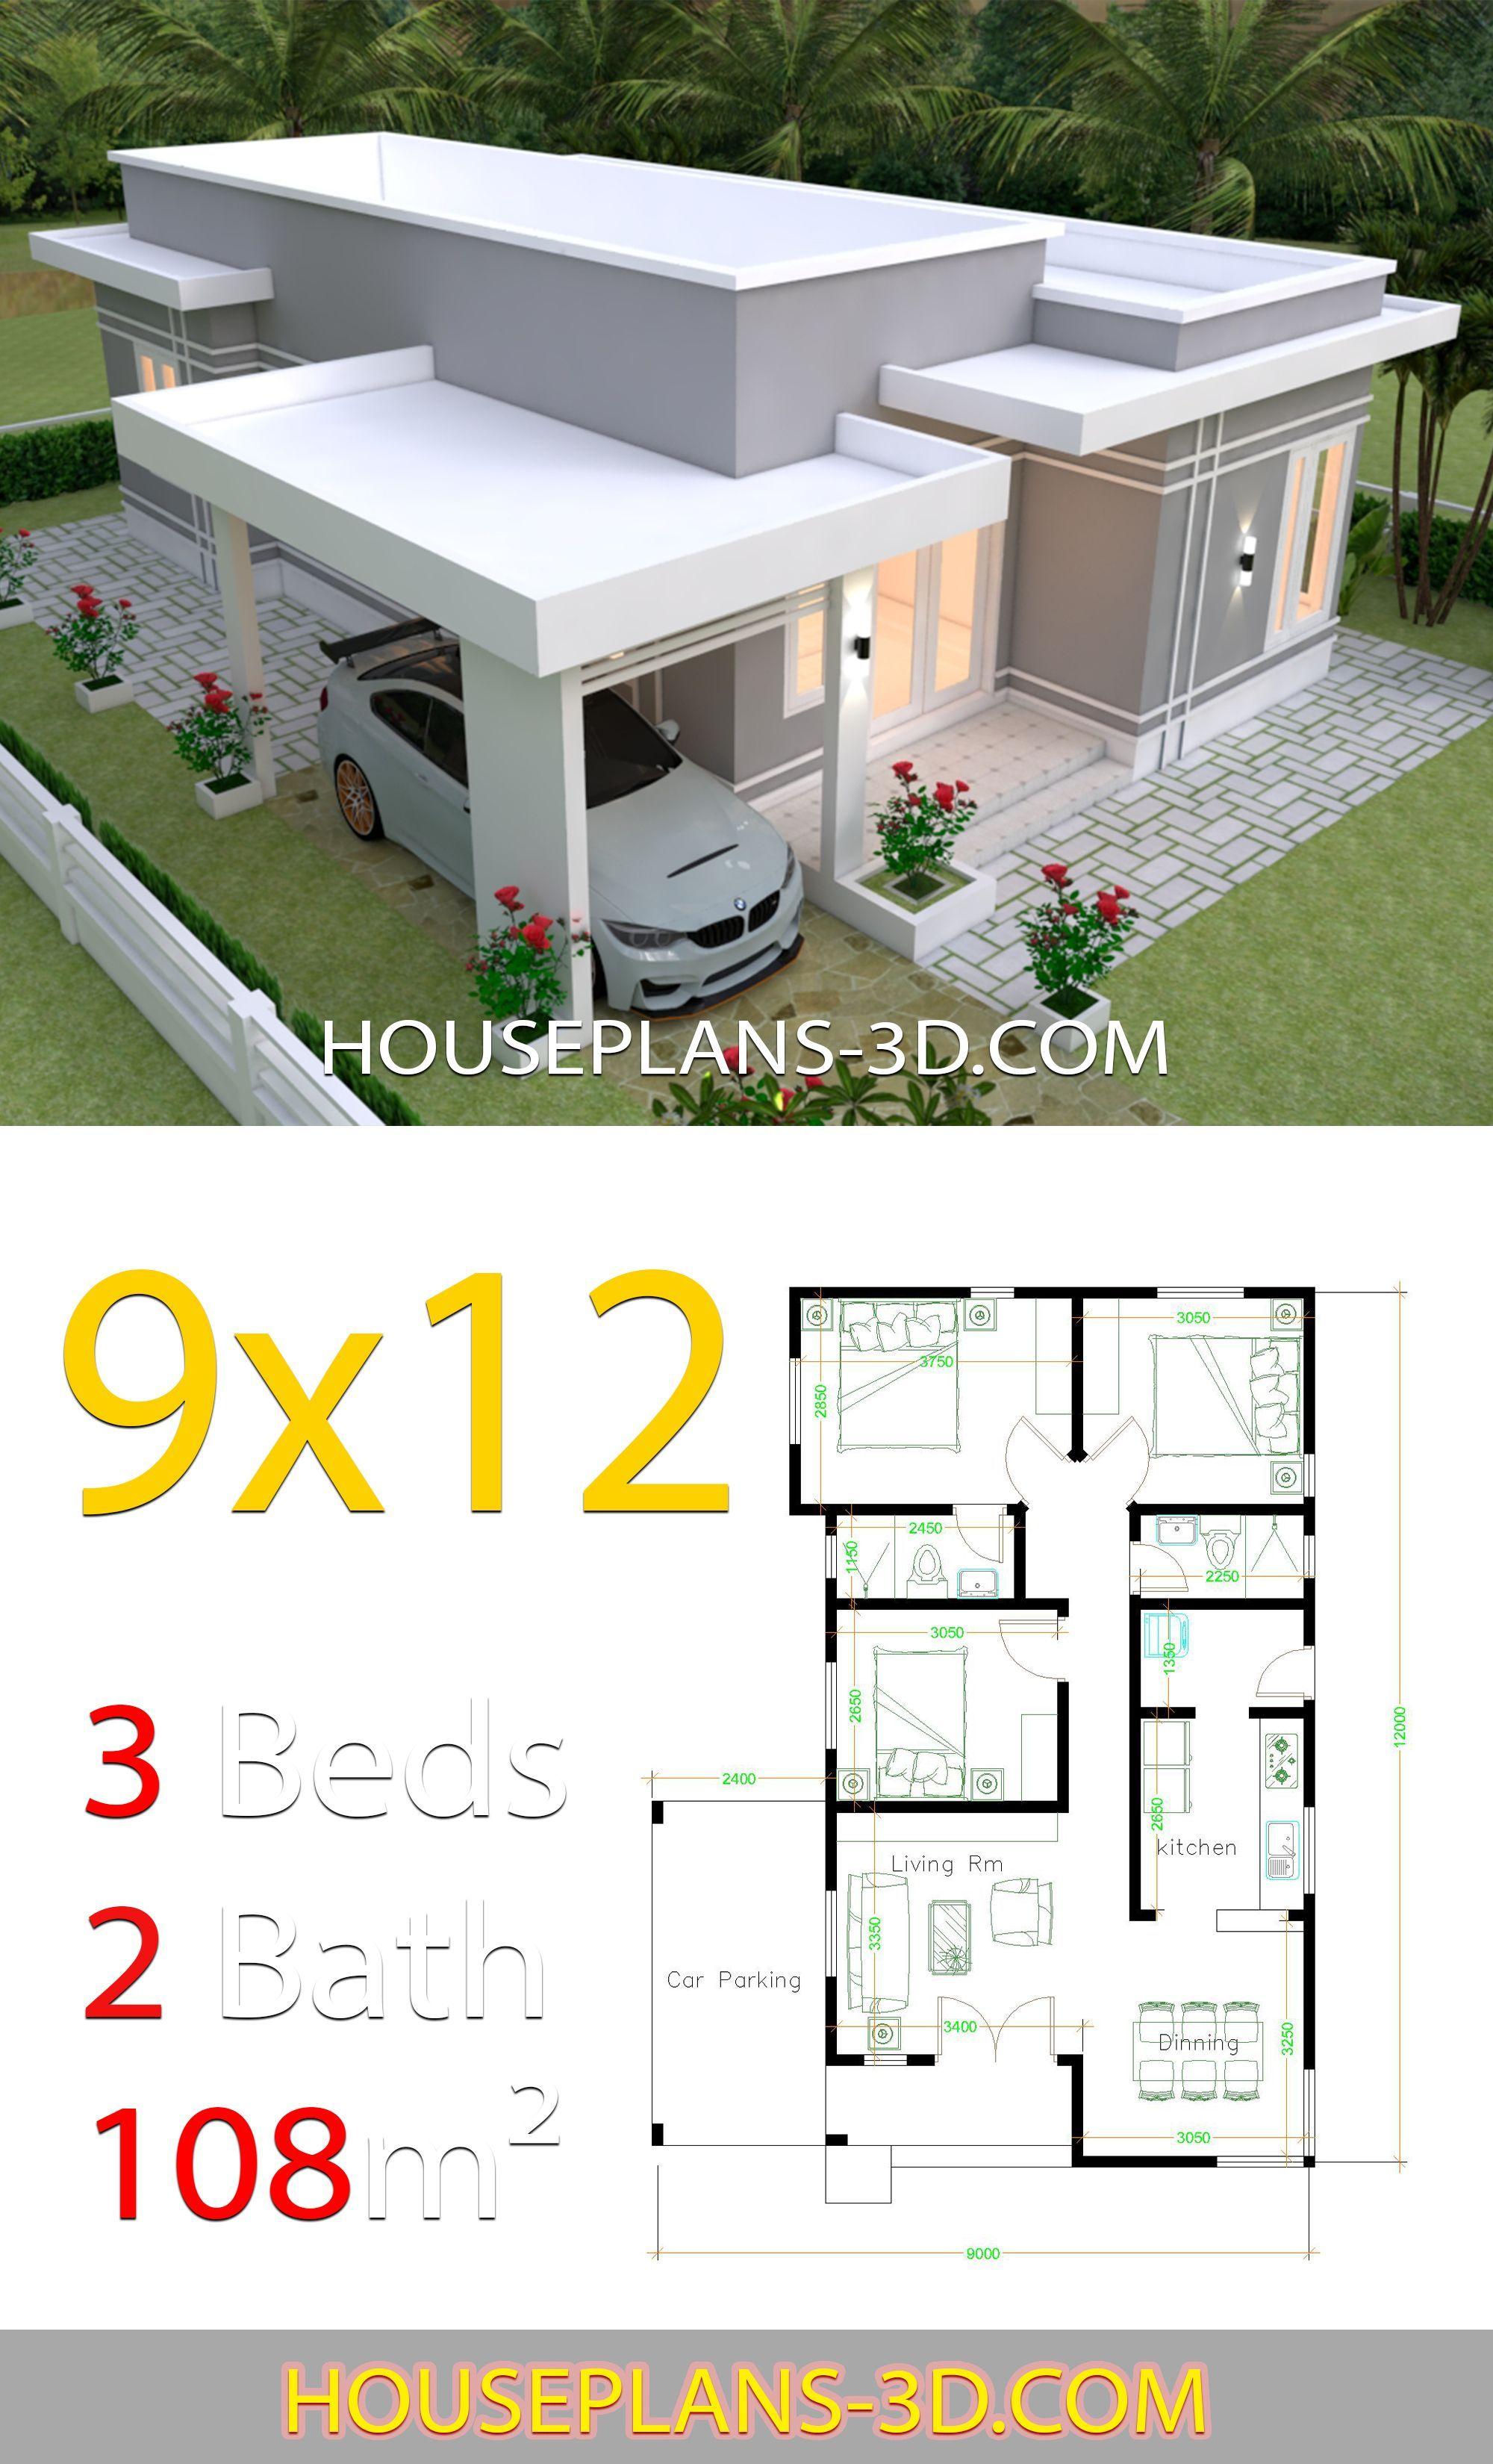 House Plans Home Design Plans Home Building Design House Roof Little House Plans Mod Home Design Floor Plans House Construction Plan House Plans